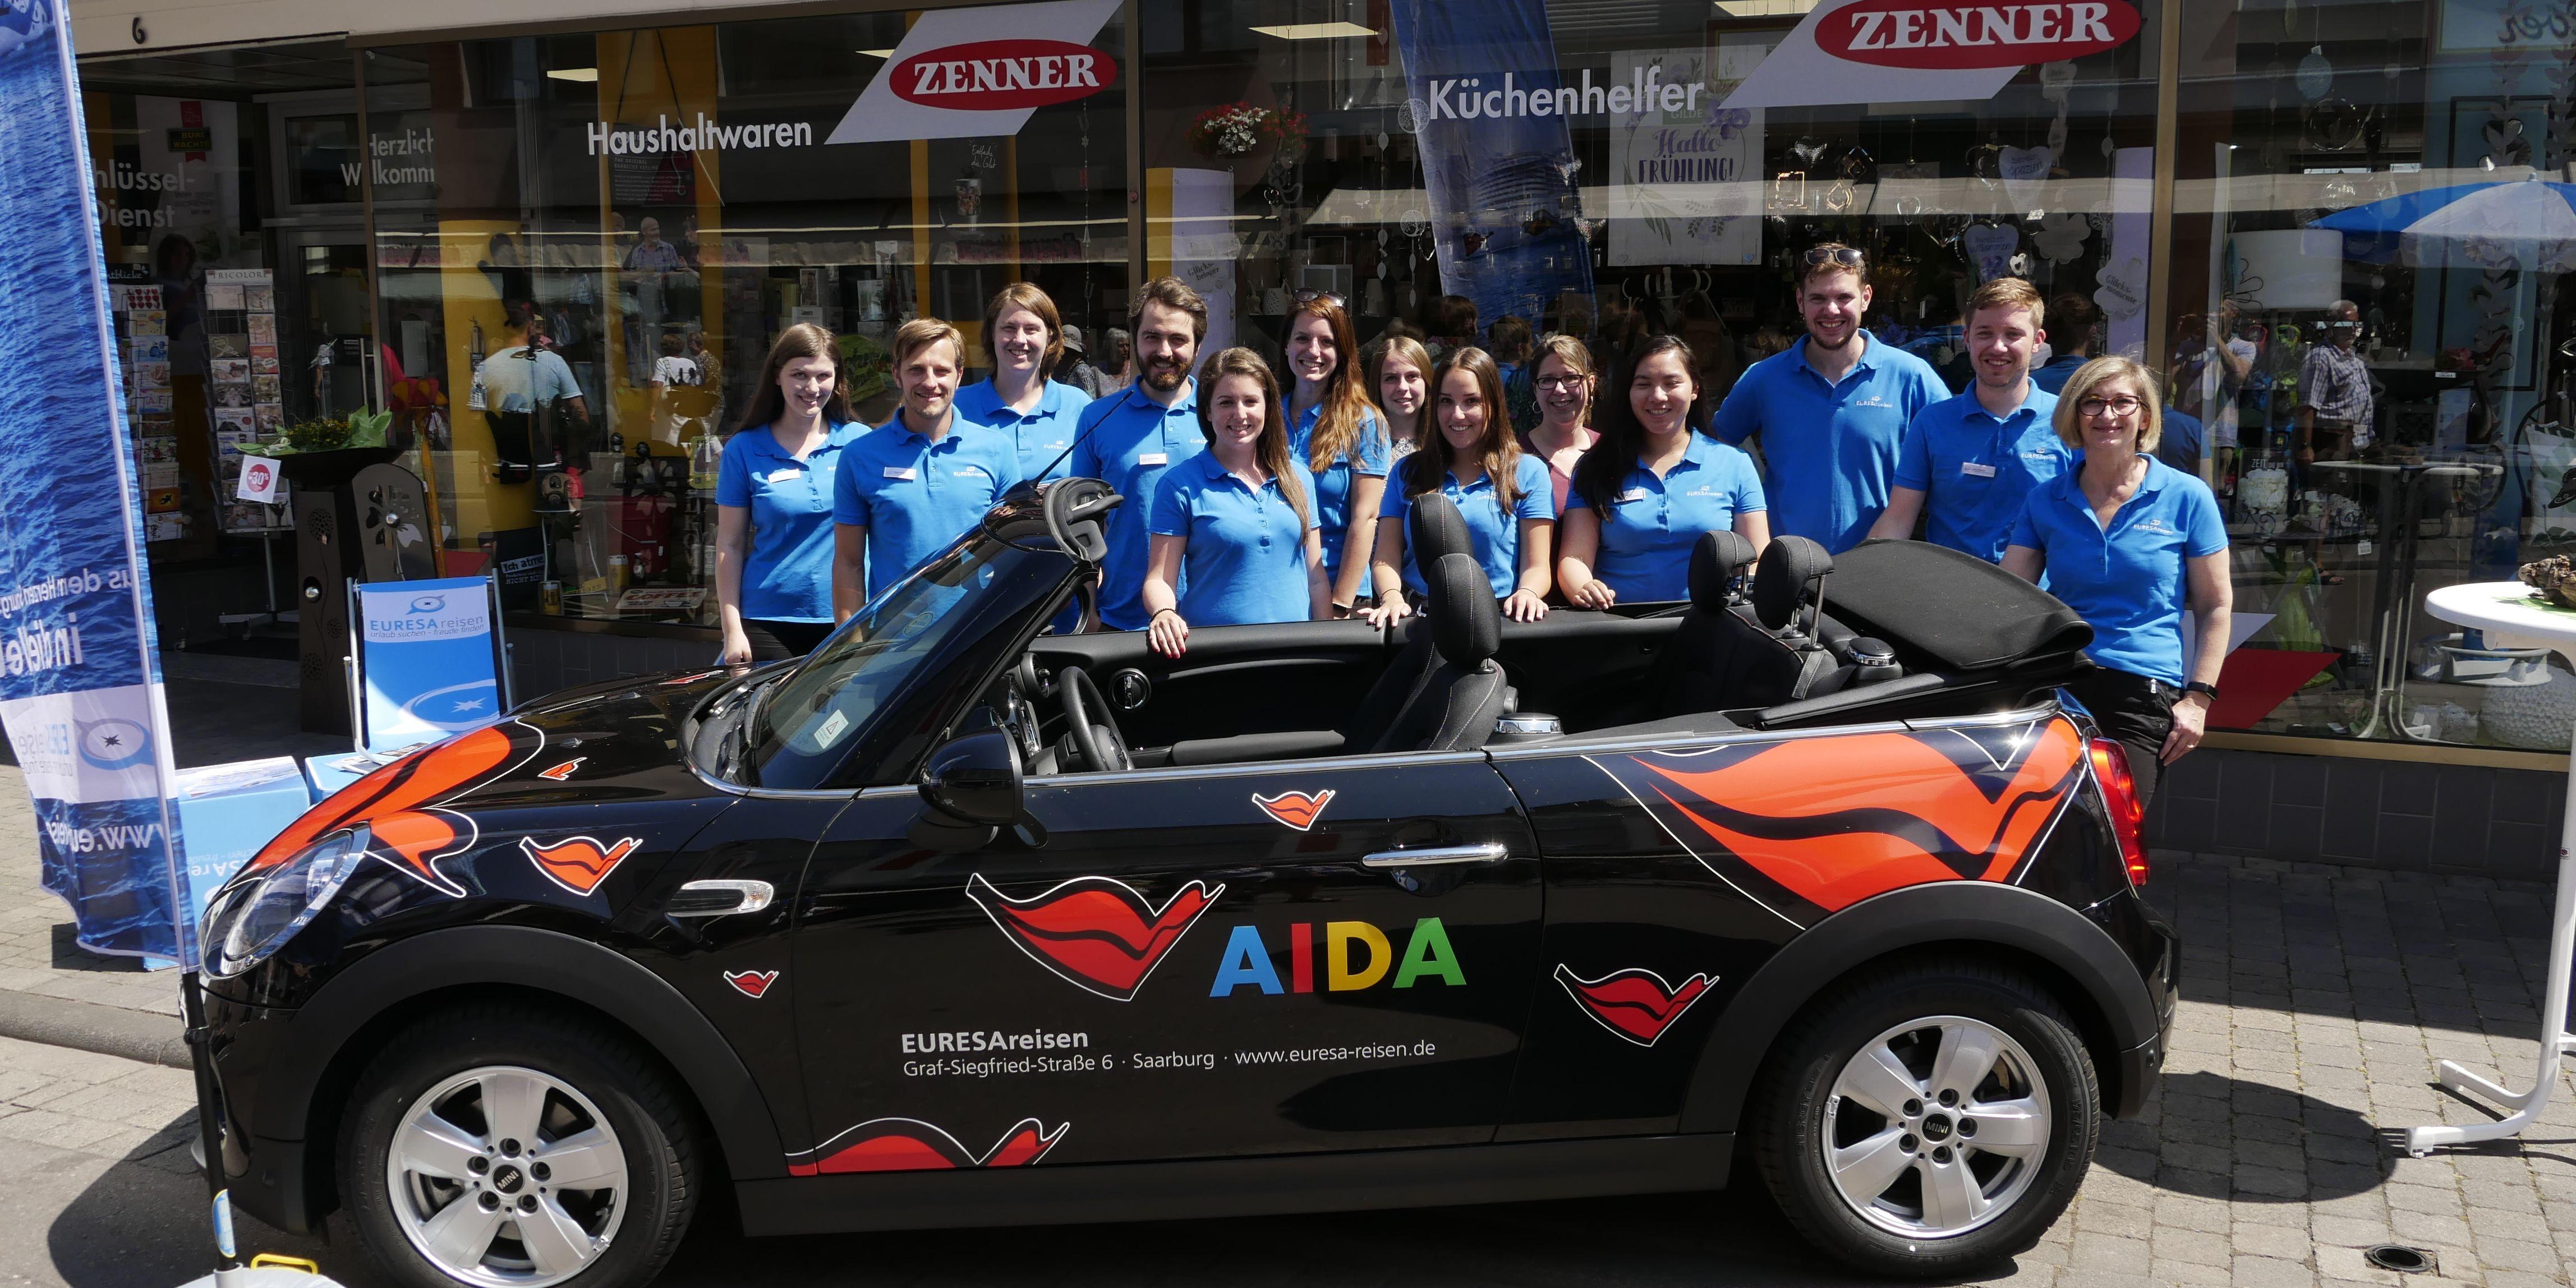 EURESA Team Saarburger Markttage 2019